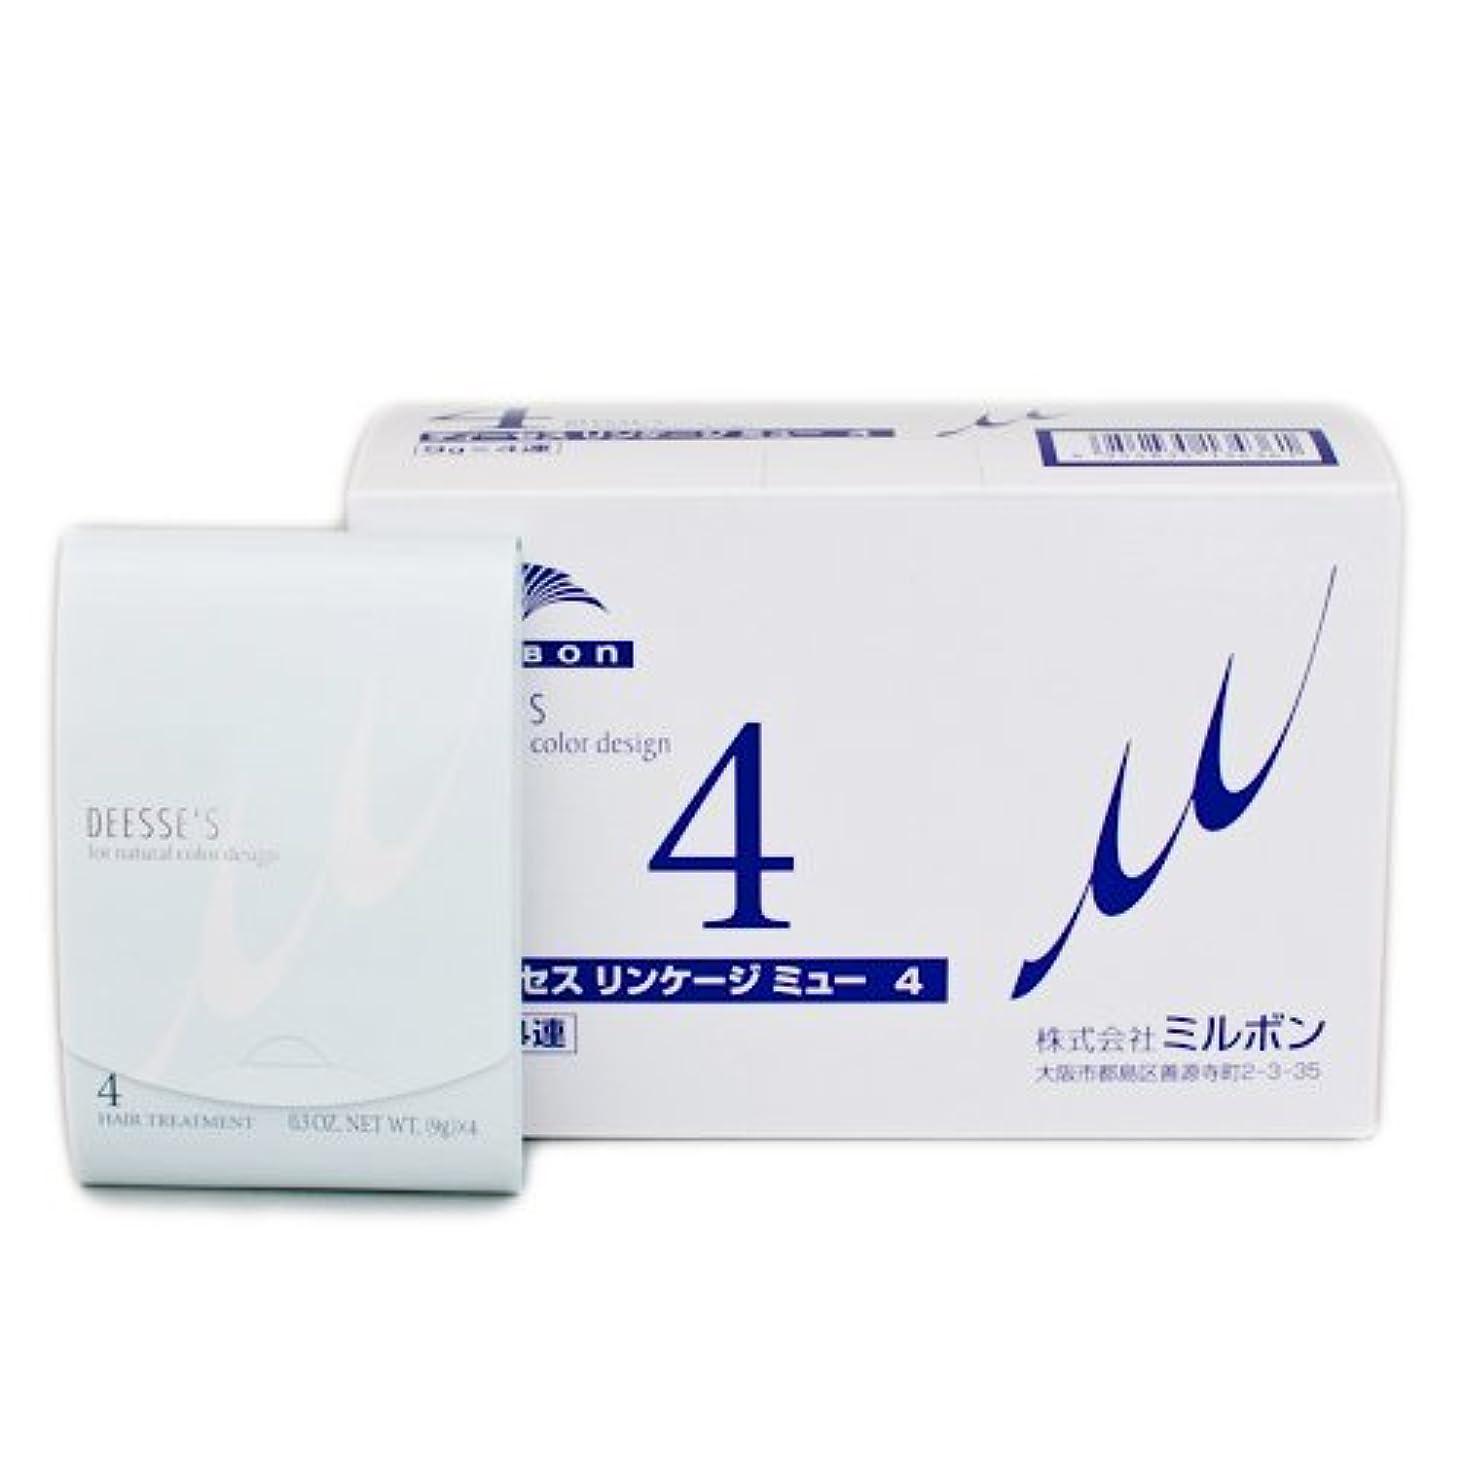 レビューステープル苦難ミルボン ディーセス リンケージ ミュー 4 業務用9g×4連×10入